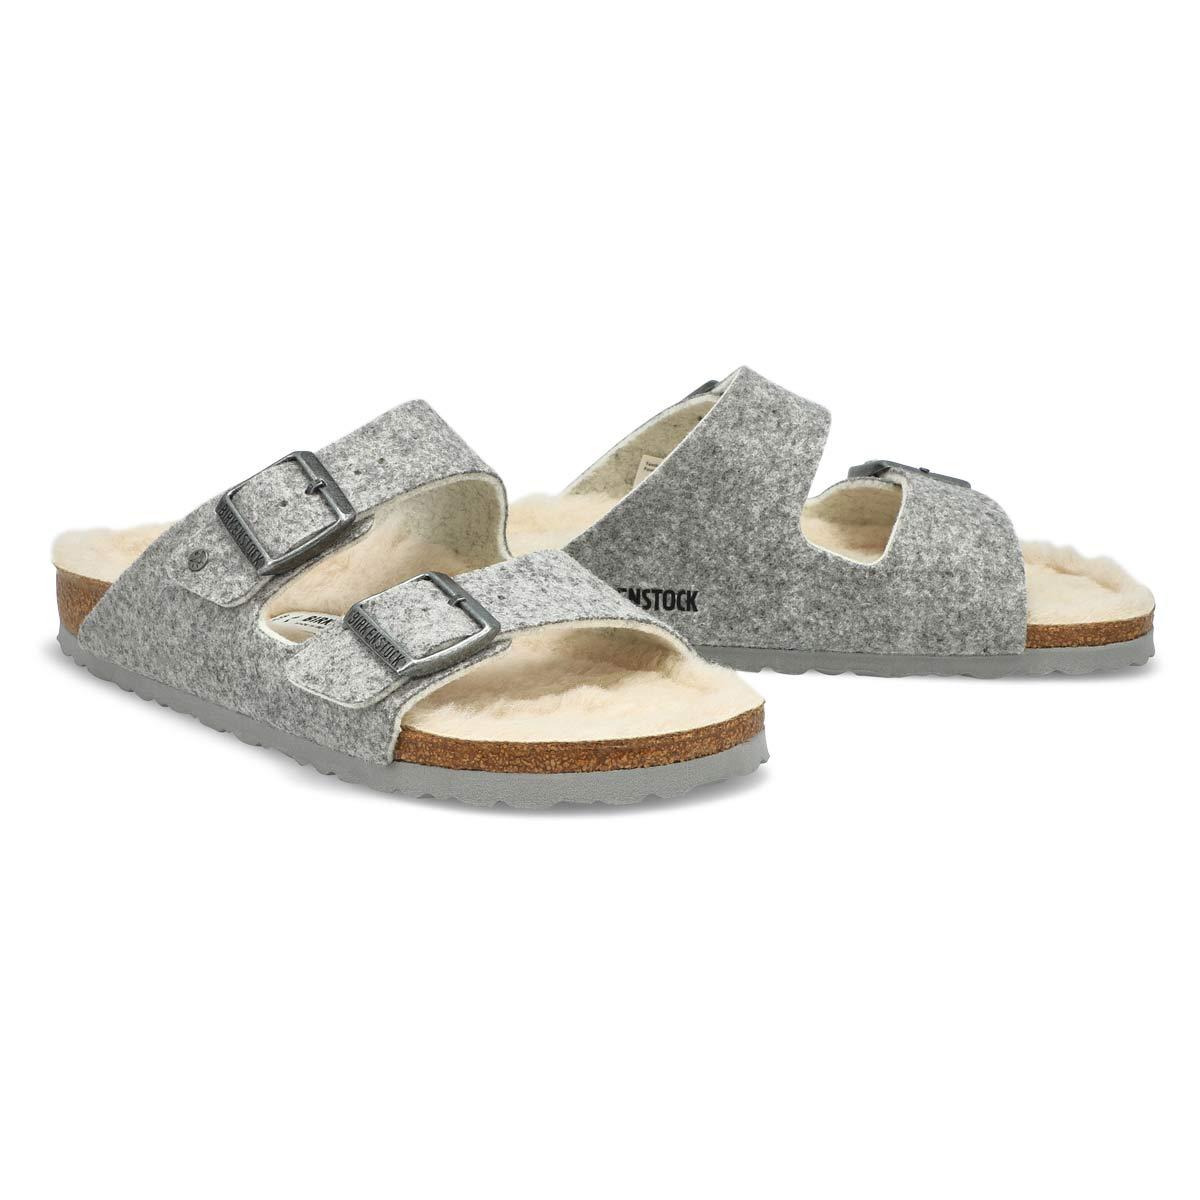 Sandale ARIZONA, gris pâle, femme - Étroite